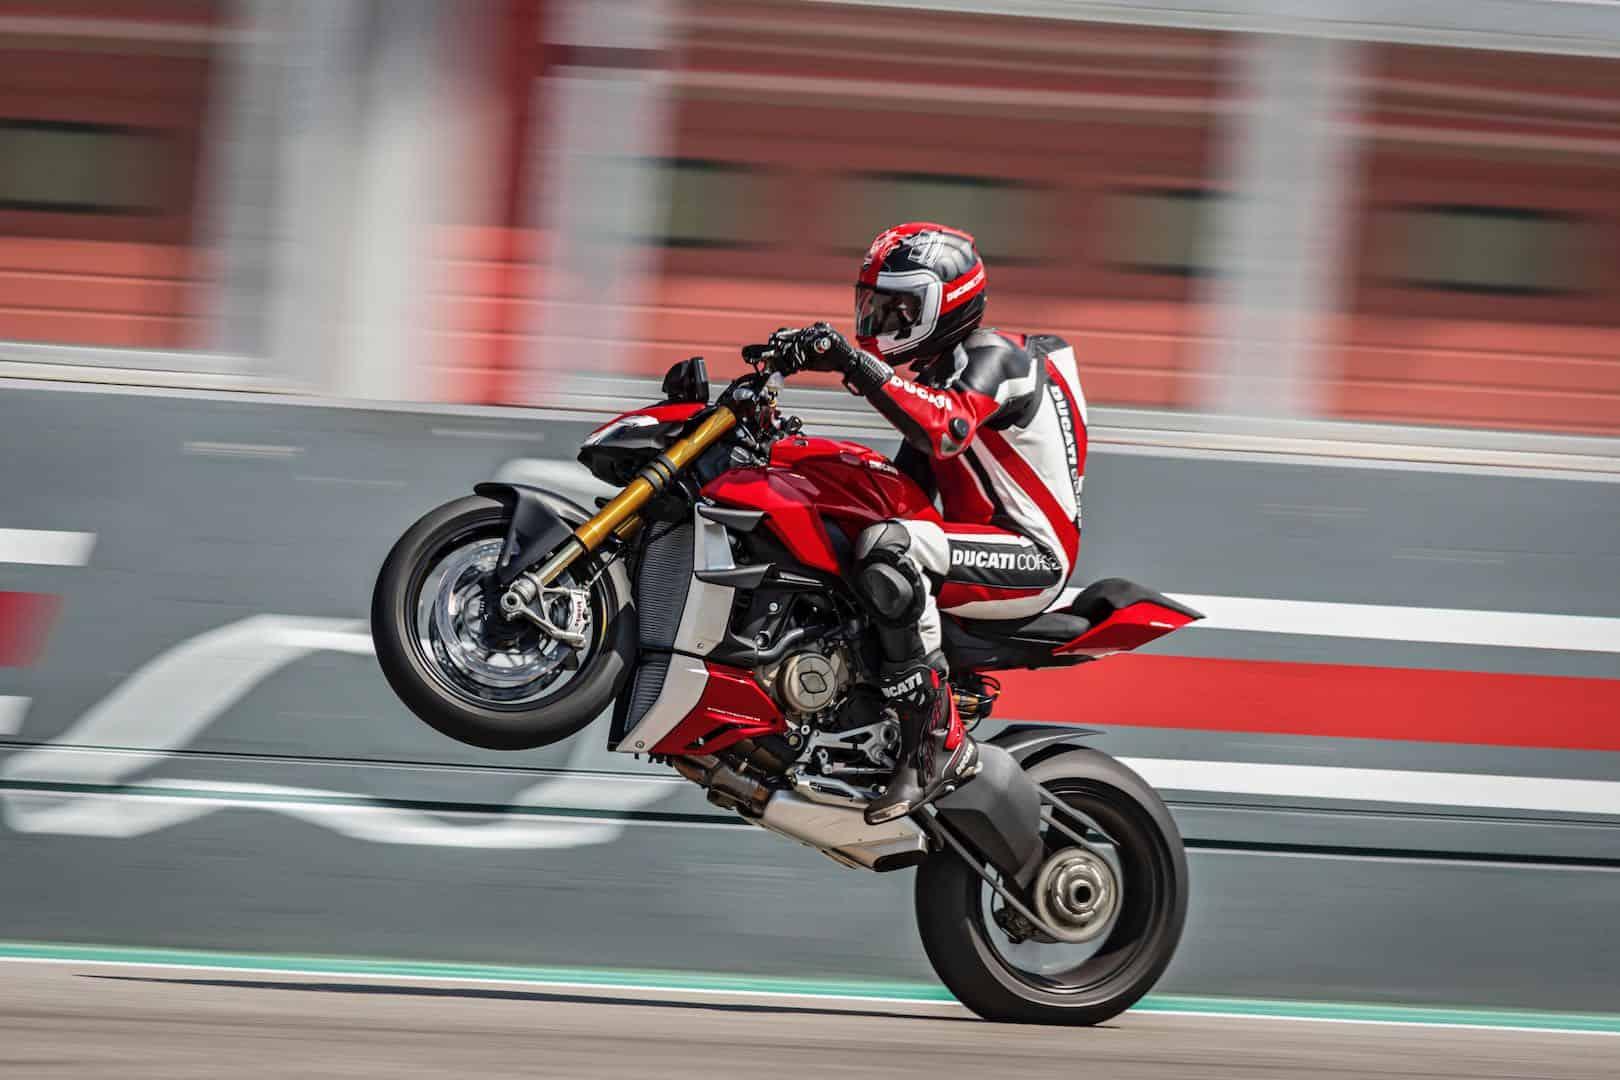 Ducati Streetfighter V4 3